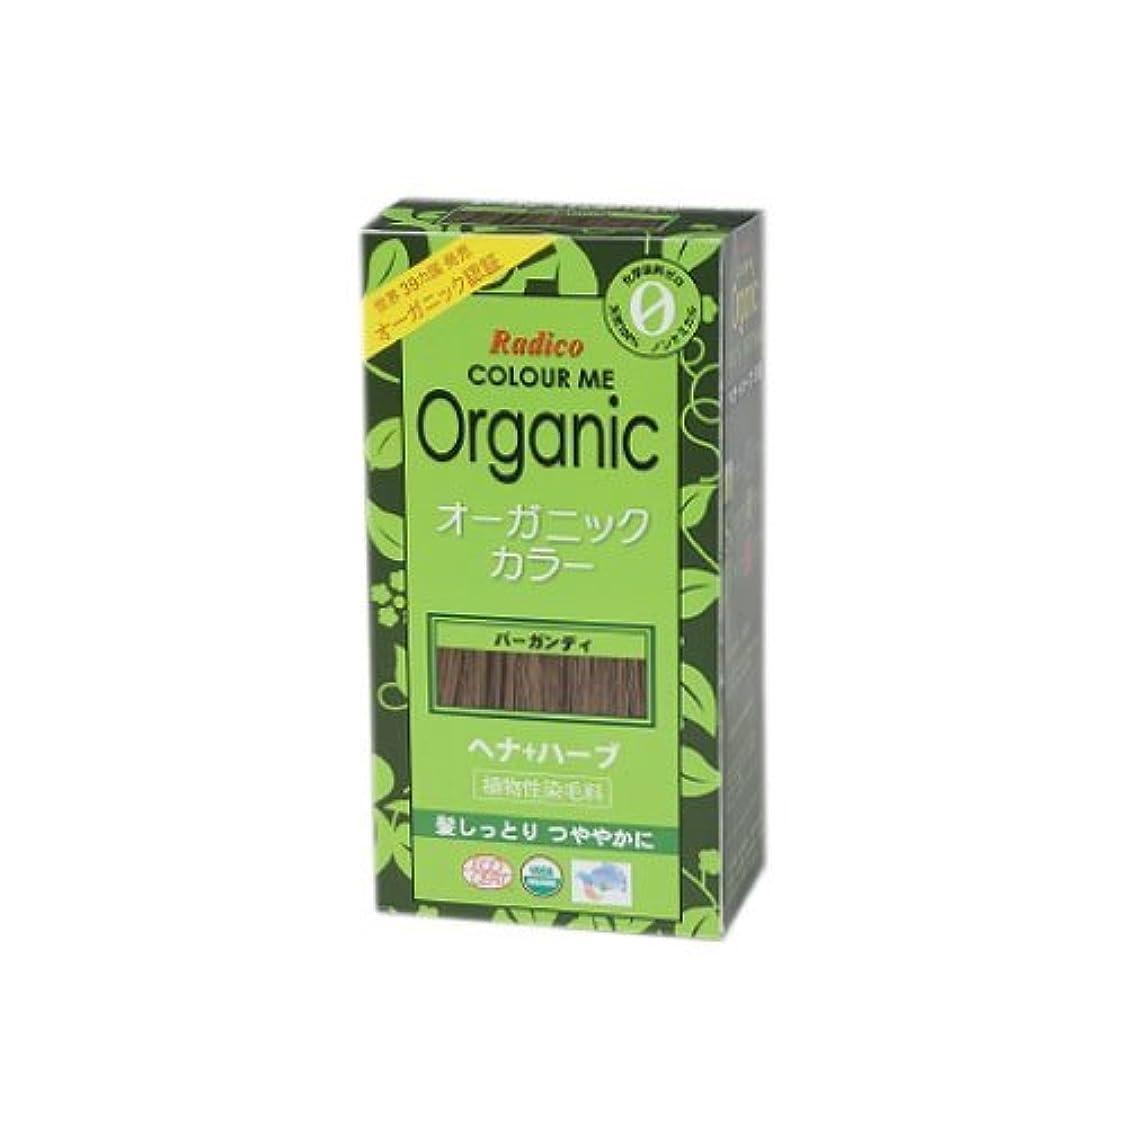 局マサッチョビデオCOLOURME Organic (カラーミーオーガニック ヘナ 白髪用) バーガンディ 100g